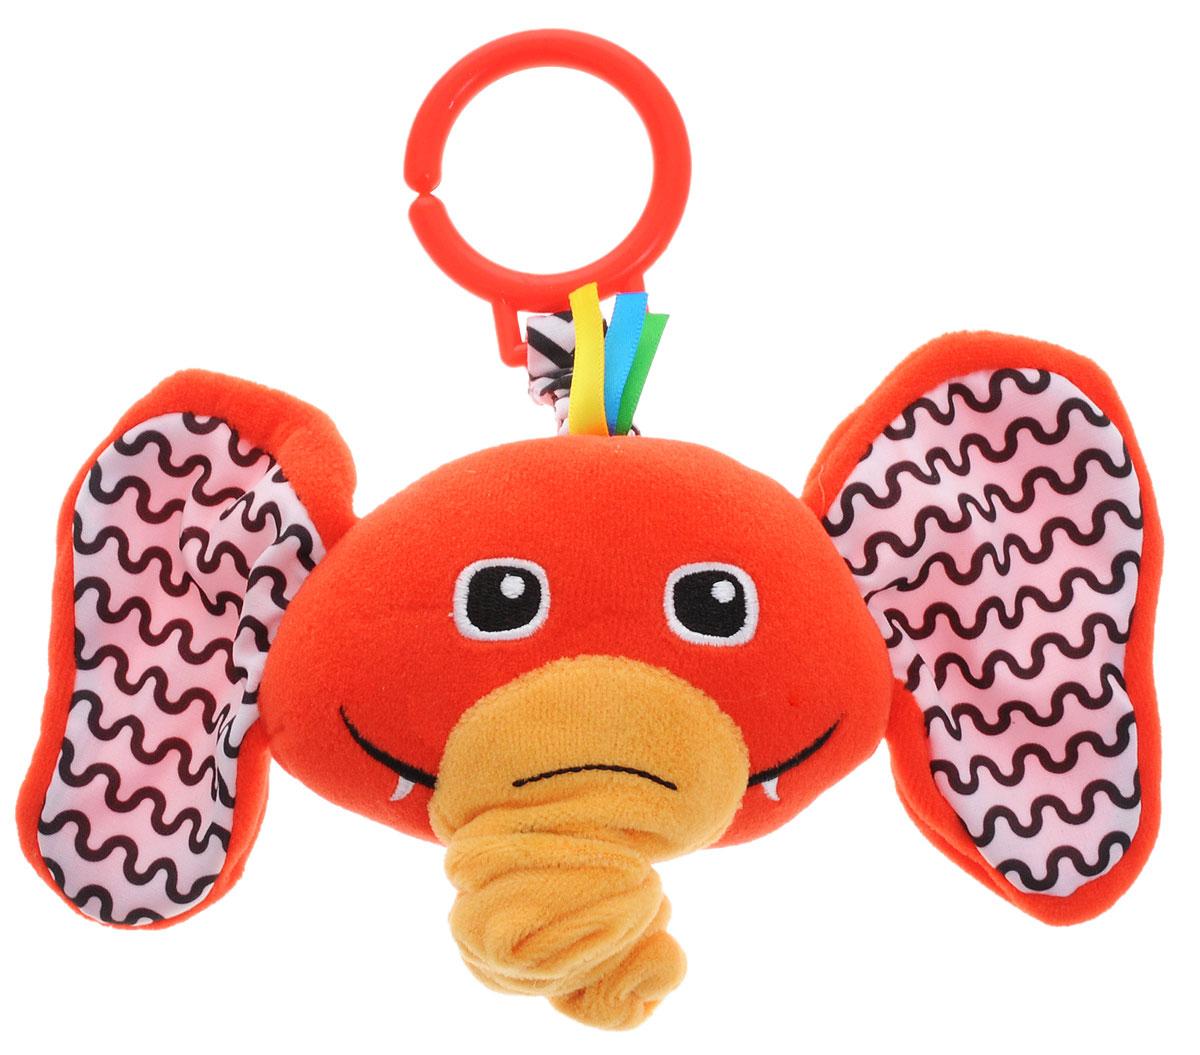 Жирафики Музыкальная игрушка-подвеска Слоник93941Музыкальная игрушка-подвеска Жирафики Слоник не оставит равнодушным ни одного малыша. Выполненная из качественных, приятных на ощупь материалов, игрушка доставит радость ребенку при игре с ней. Игрушка выполнена в виде головы очаровательного слоника. Внутри подвеска содержит музыкальный механизм, который запускается при потягивании за хобот. При этом звучит красивая колыбельная. Крепится подвеска к кроватке или коляске с помощью незамкнутого пластикового кольца. Игрушка-подвеска развивает слуховое восприятие, моторику, зрительно-цветовое восприятие и обладает релаксирующим воздействием.